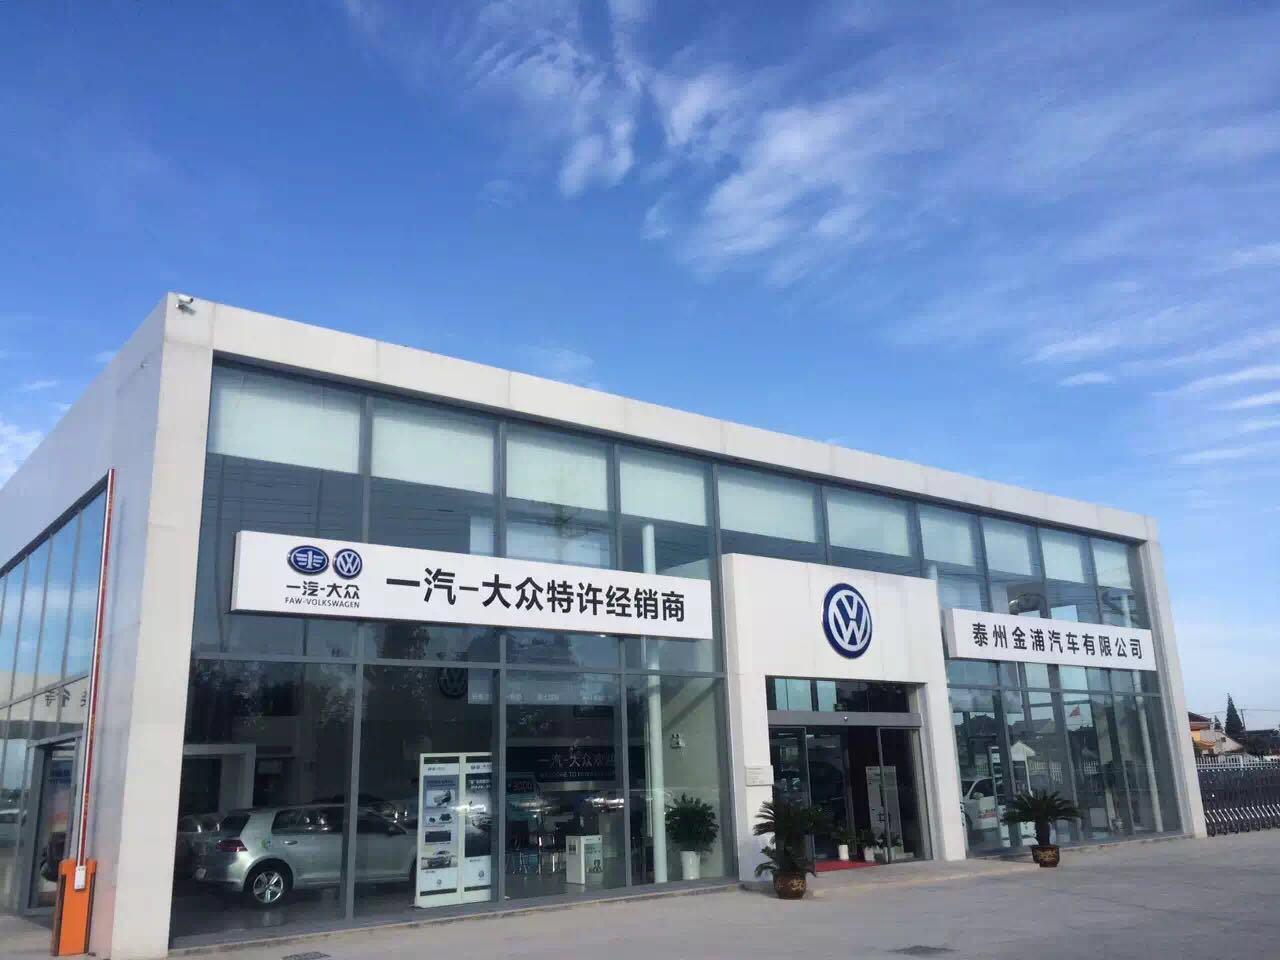 泰州金浦汽车销售服务有限公司